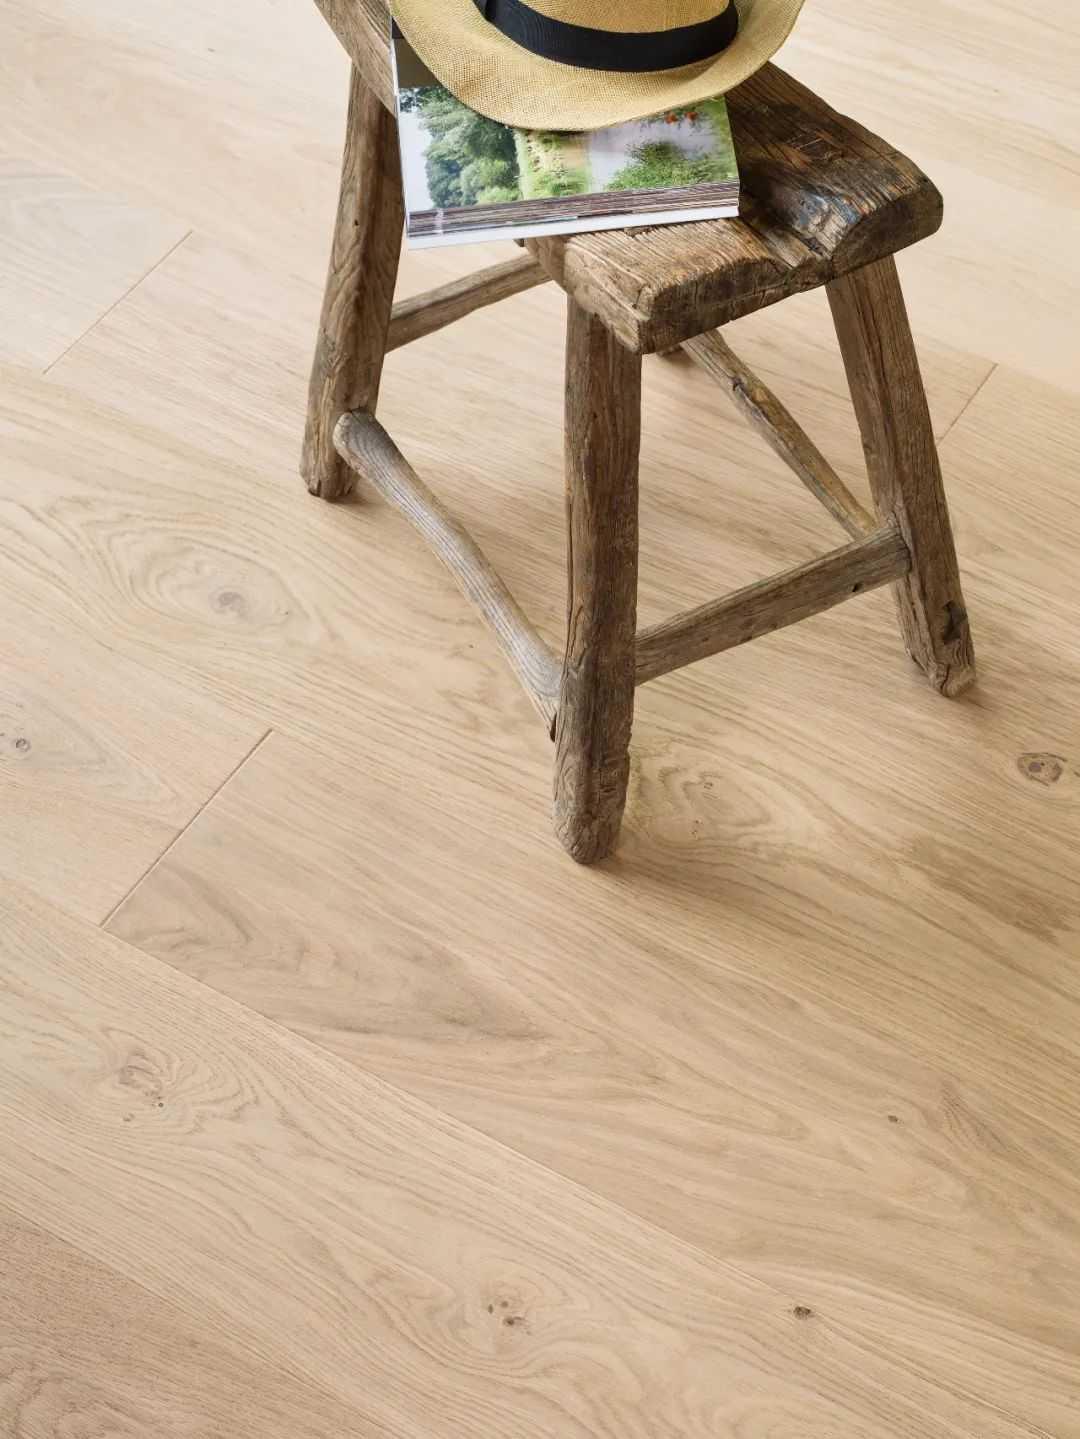 得高地板艺术木地板系列-三层实木复合地板_8